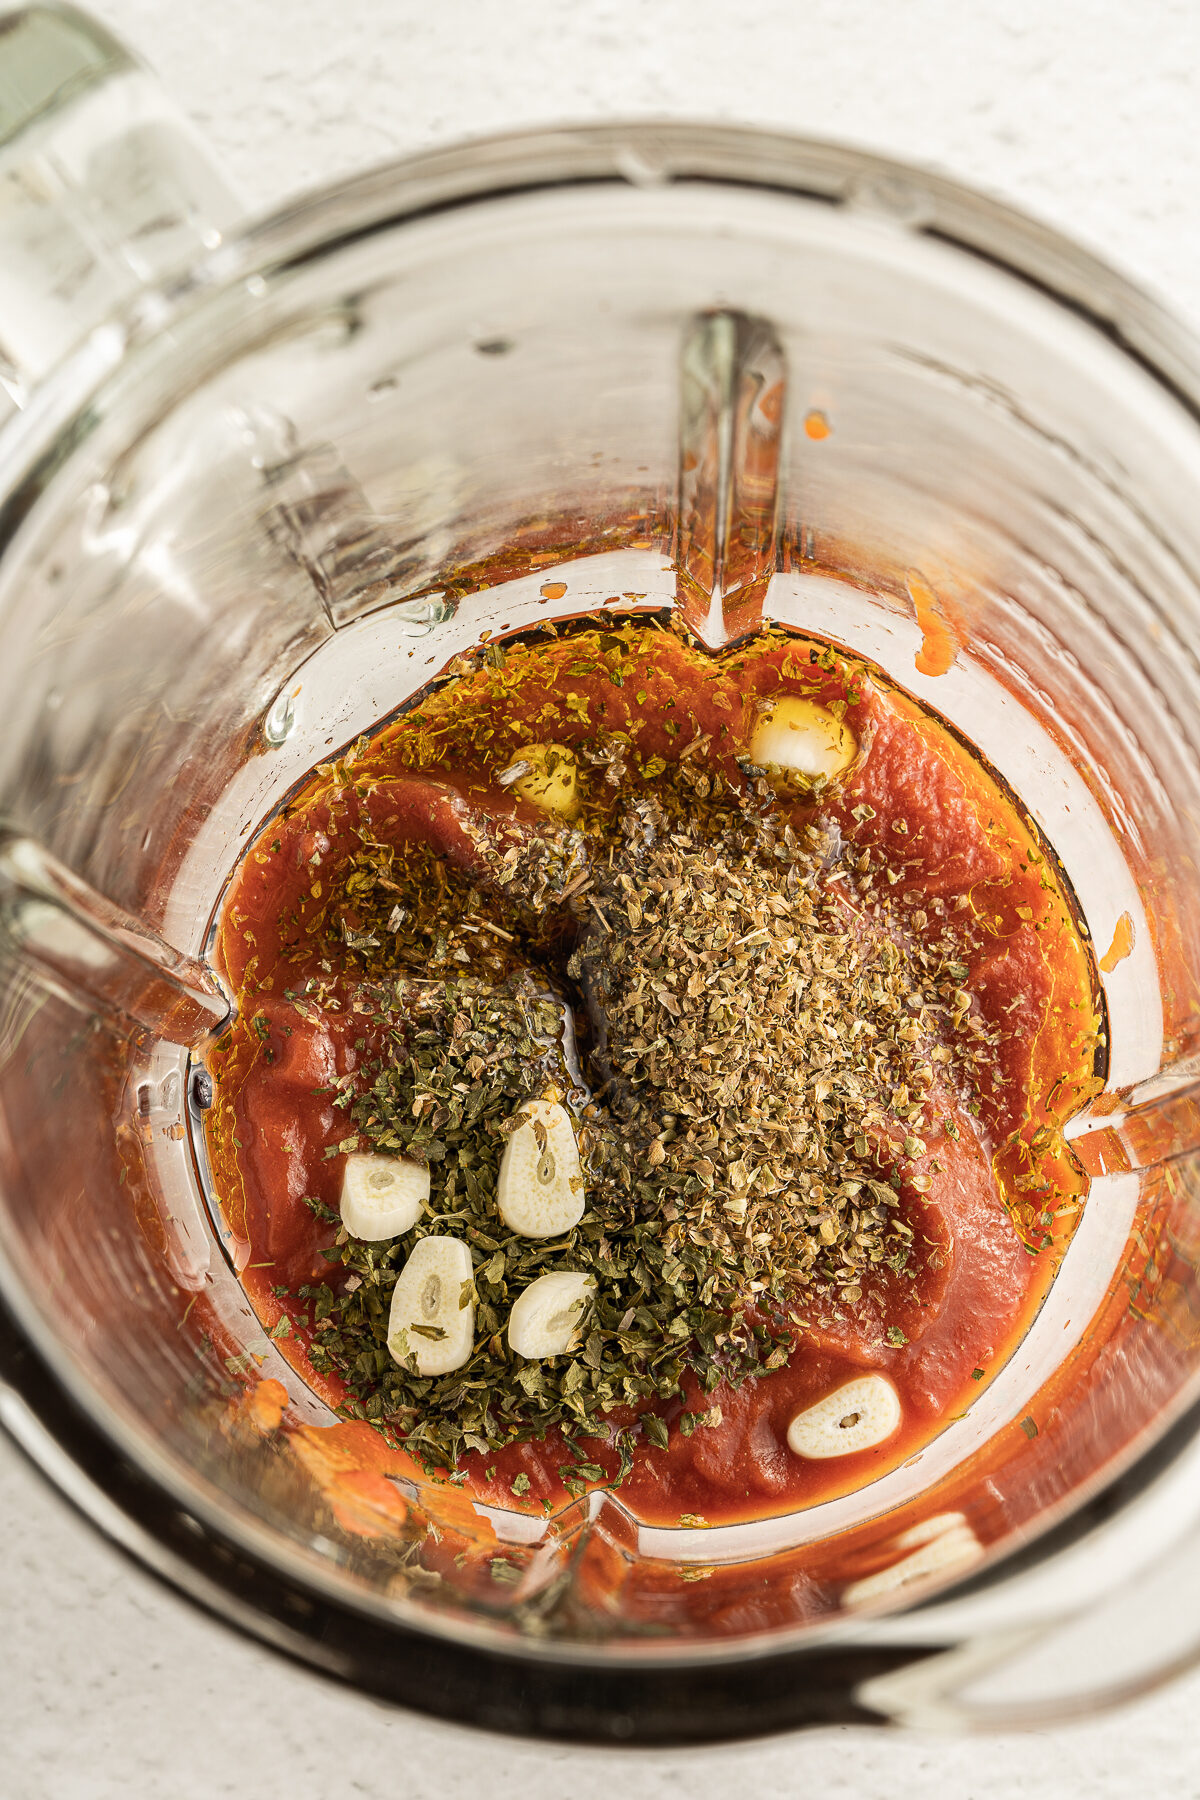 Blending the tomatoe sauce